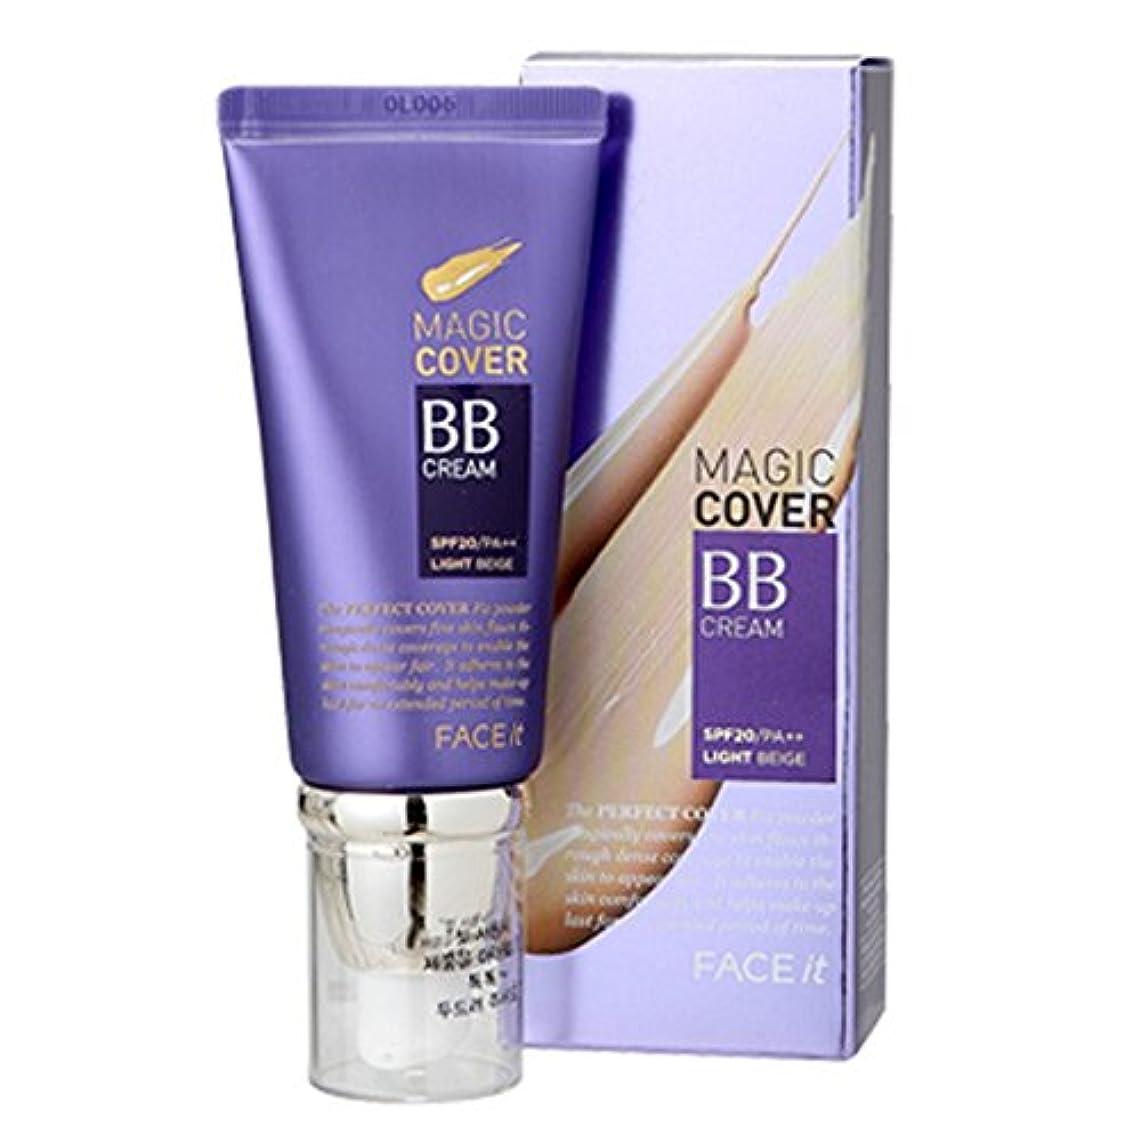 高齢者運搬スラムザフェイスショップ The Face Shop Face It Magic Cover BB Cream 45ml (02 Natural Beige)